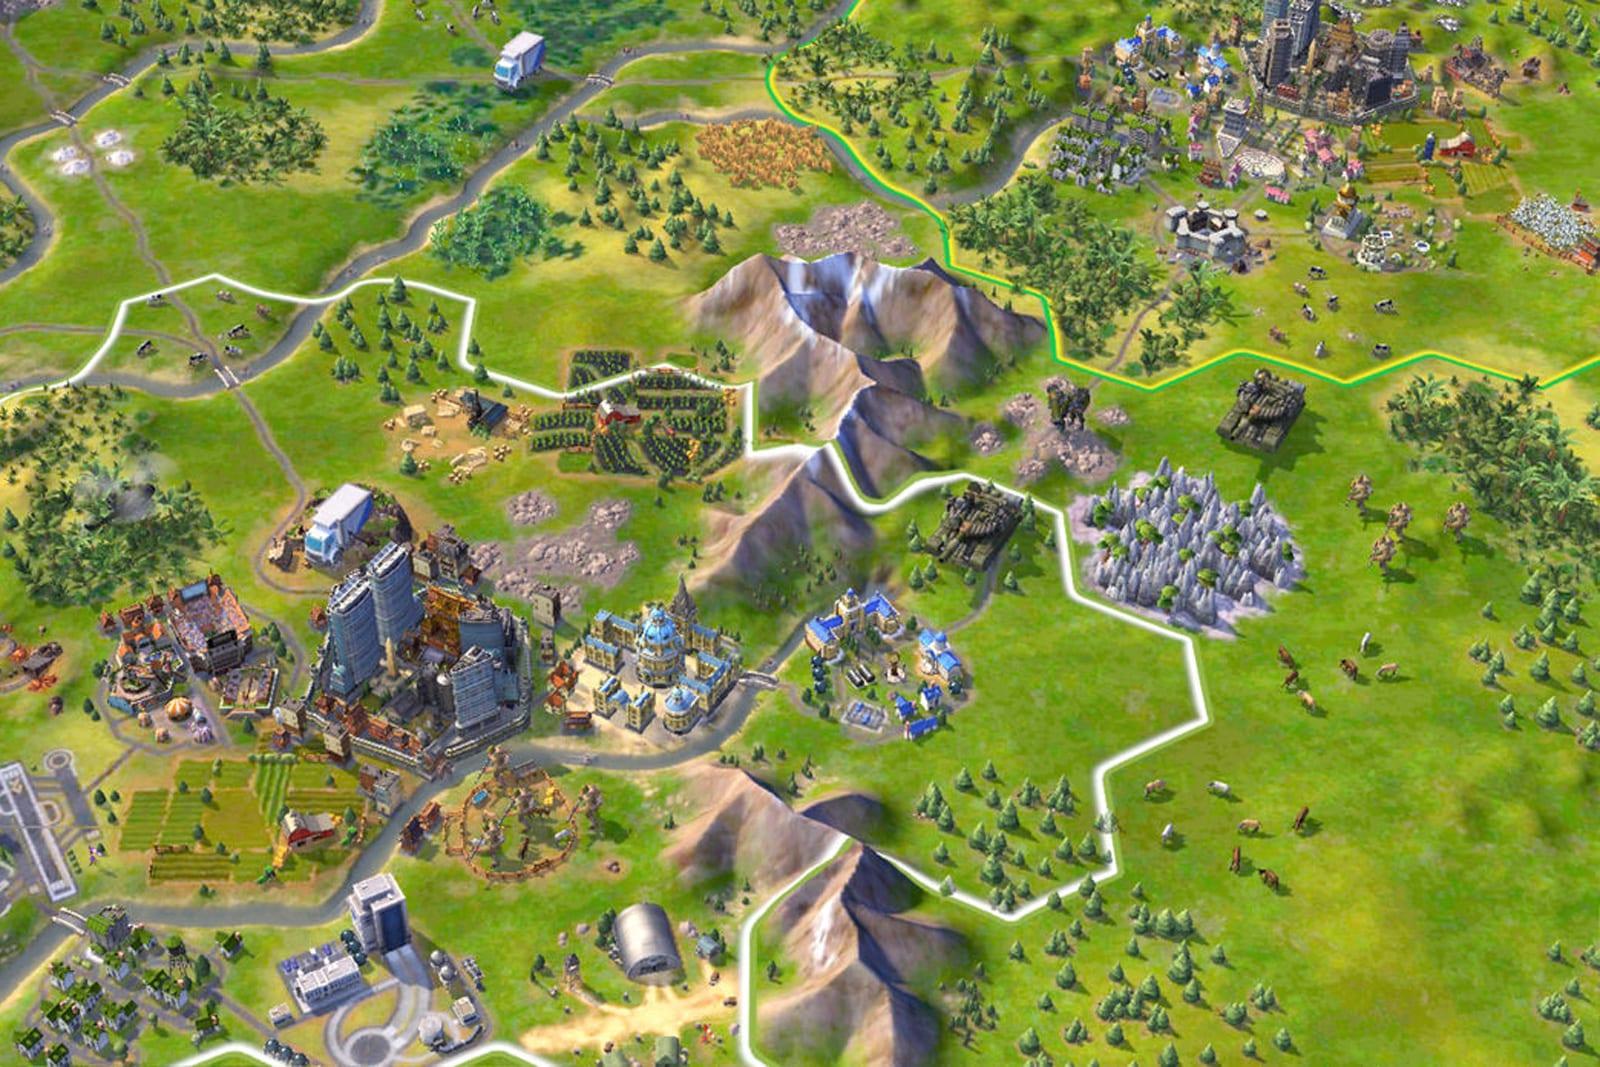 Empire-builder 'Civilization VI' comes to the iPad for $30